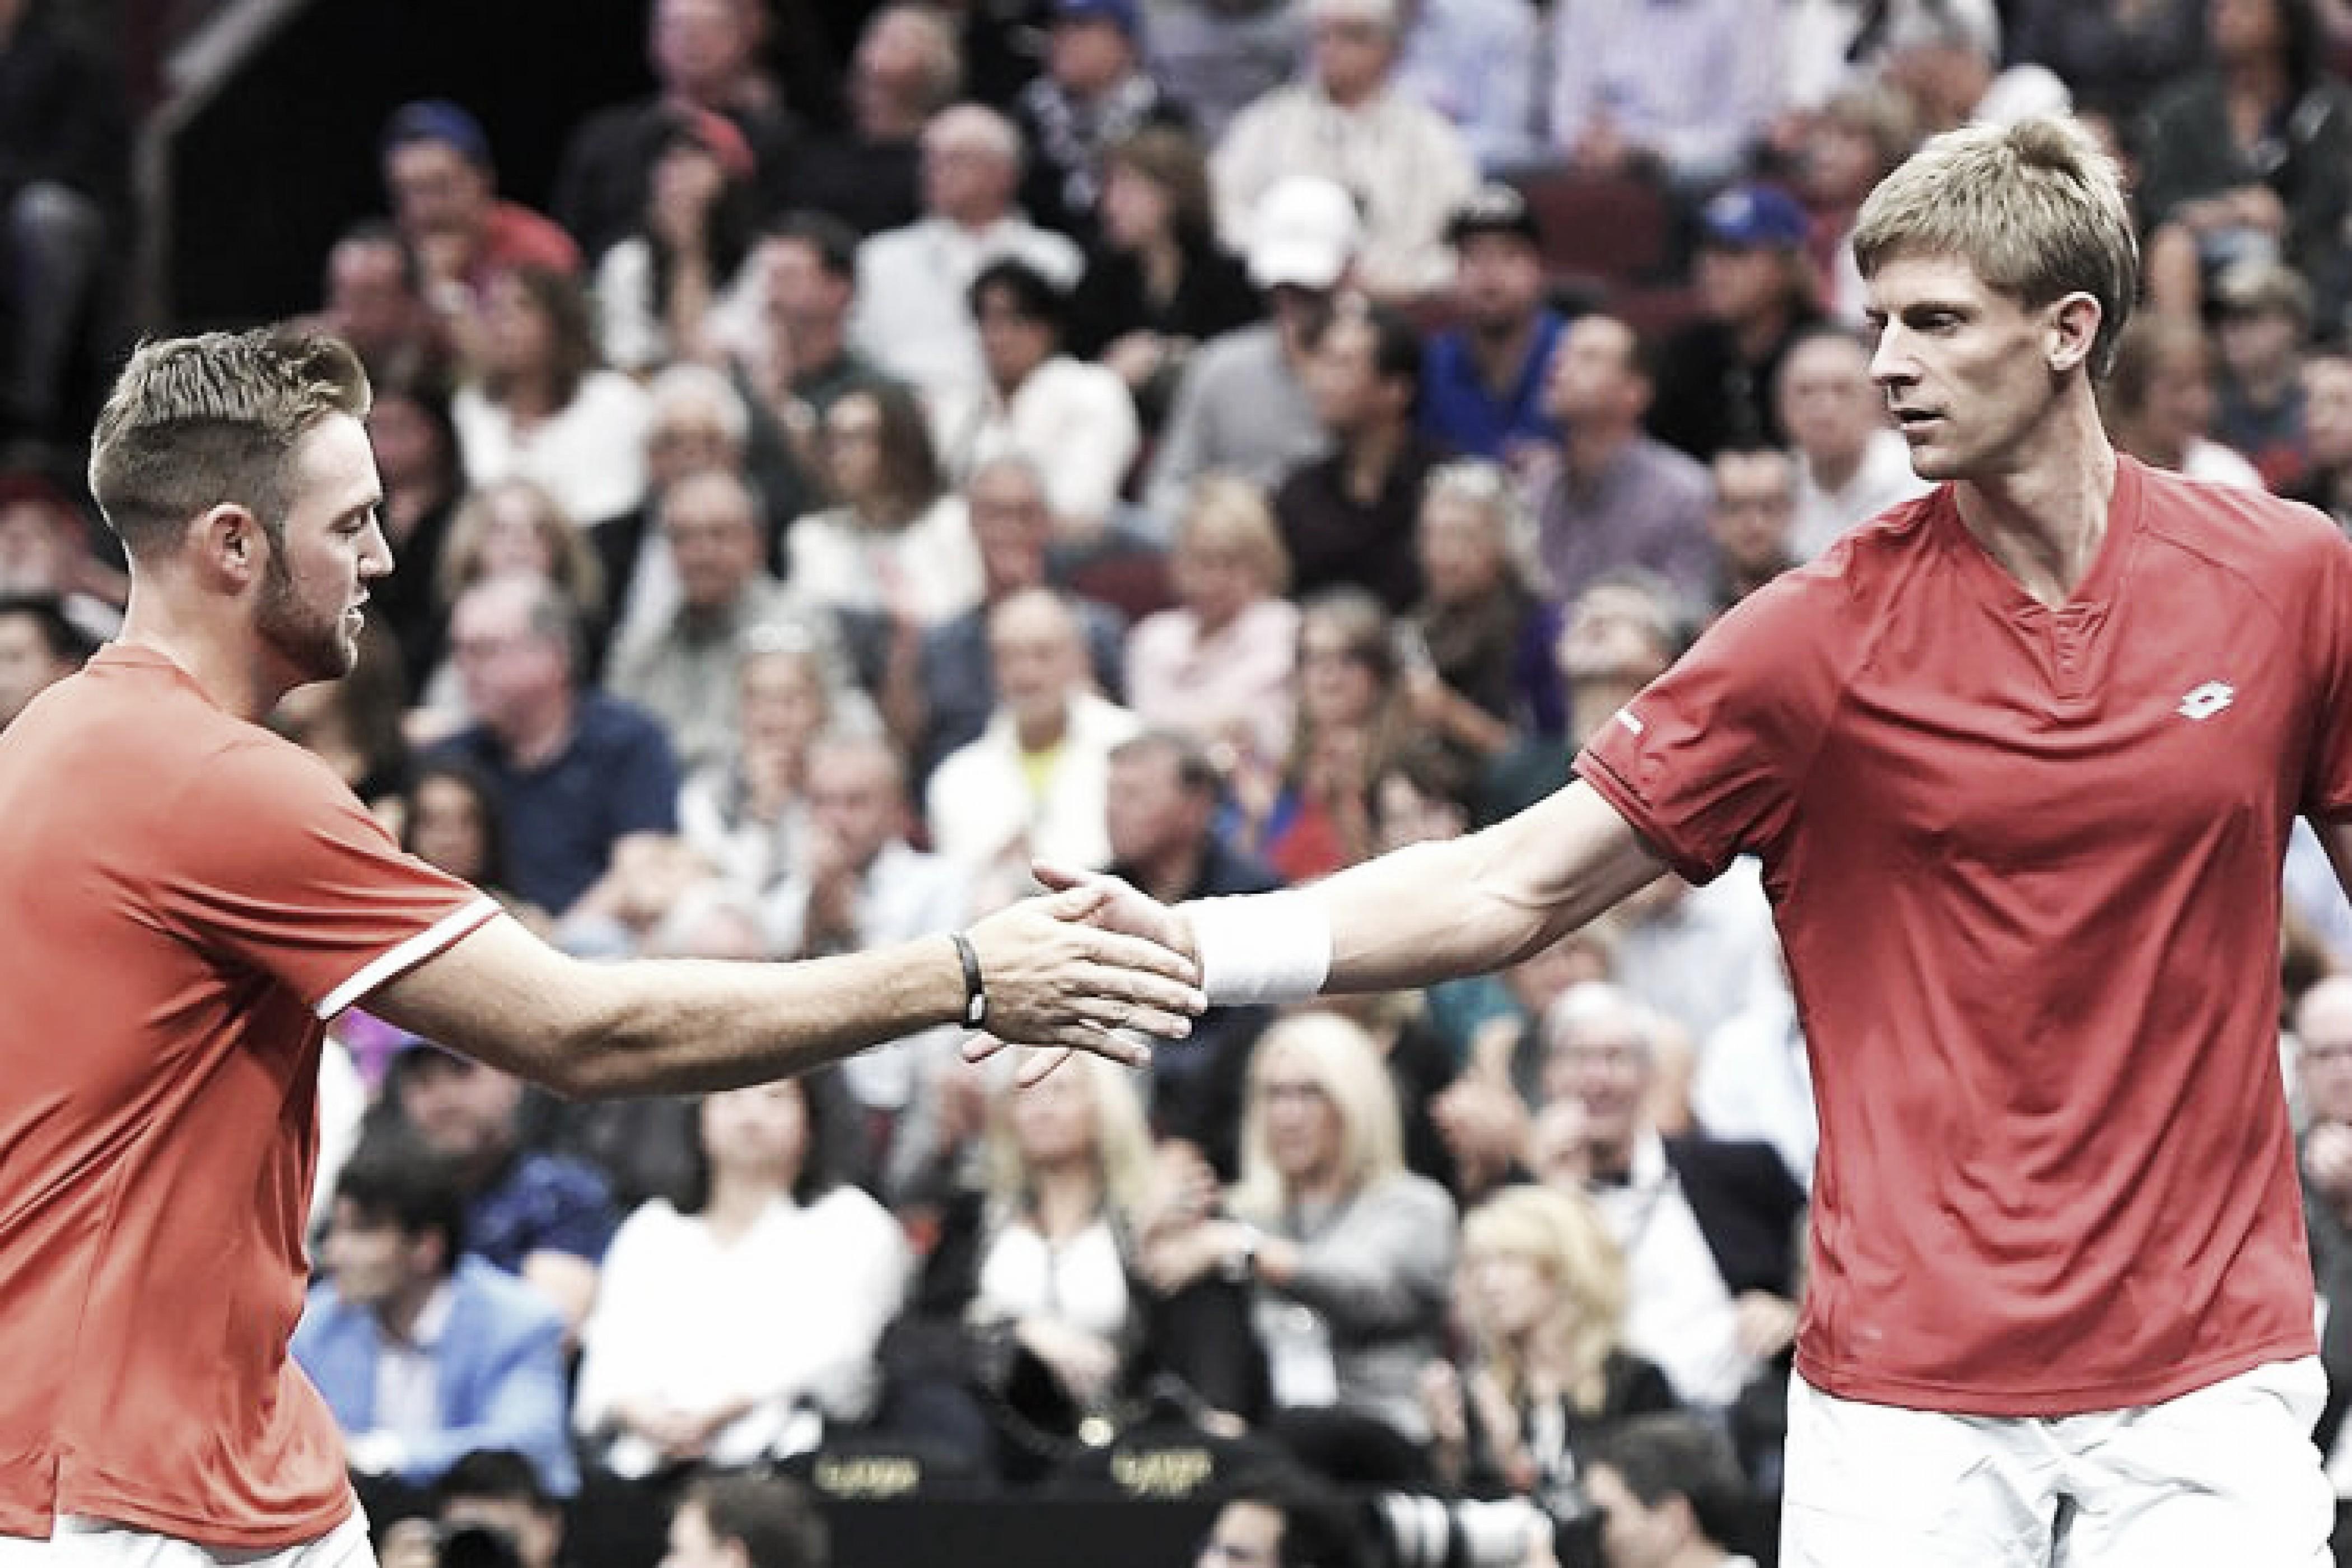 Anderson/Sock brilham, derrubam Djokovic/Federer e marcam primeiro ponto para Time Mundo